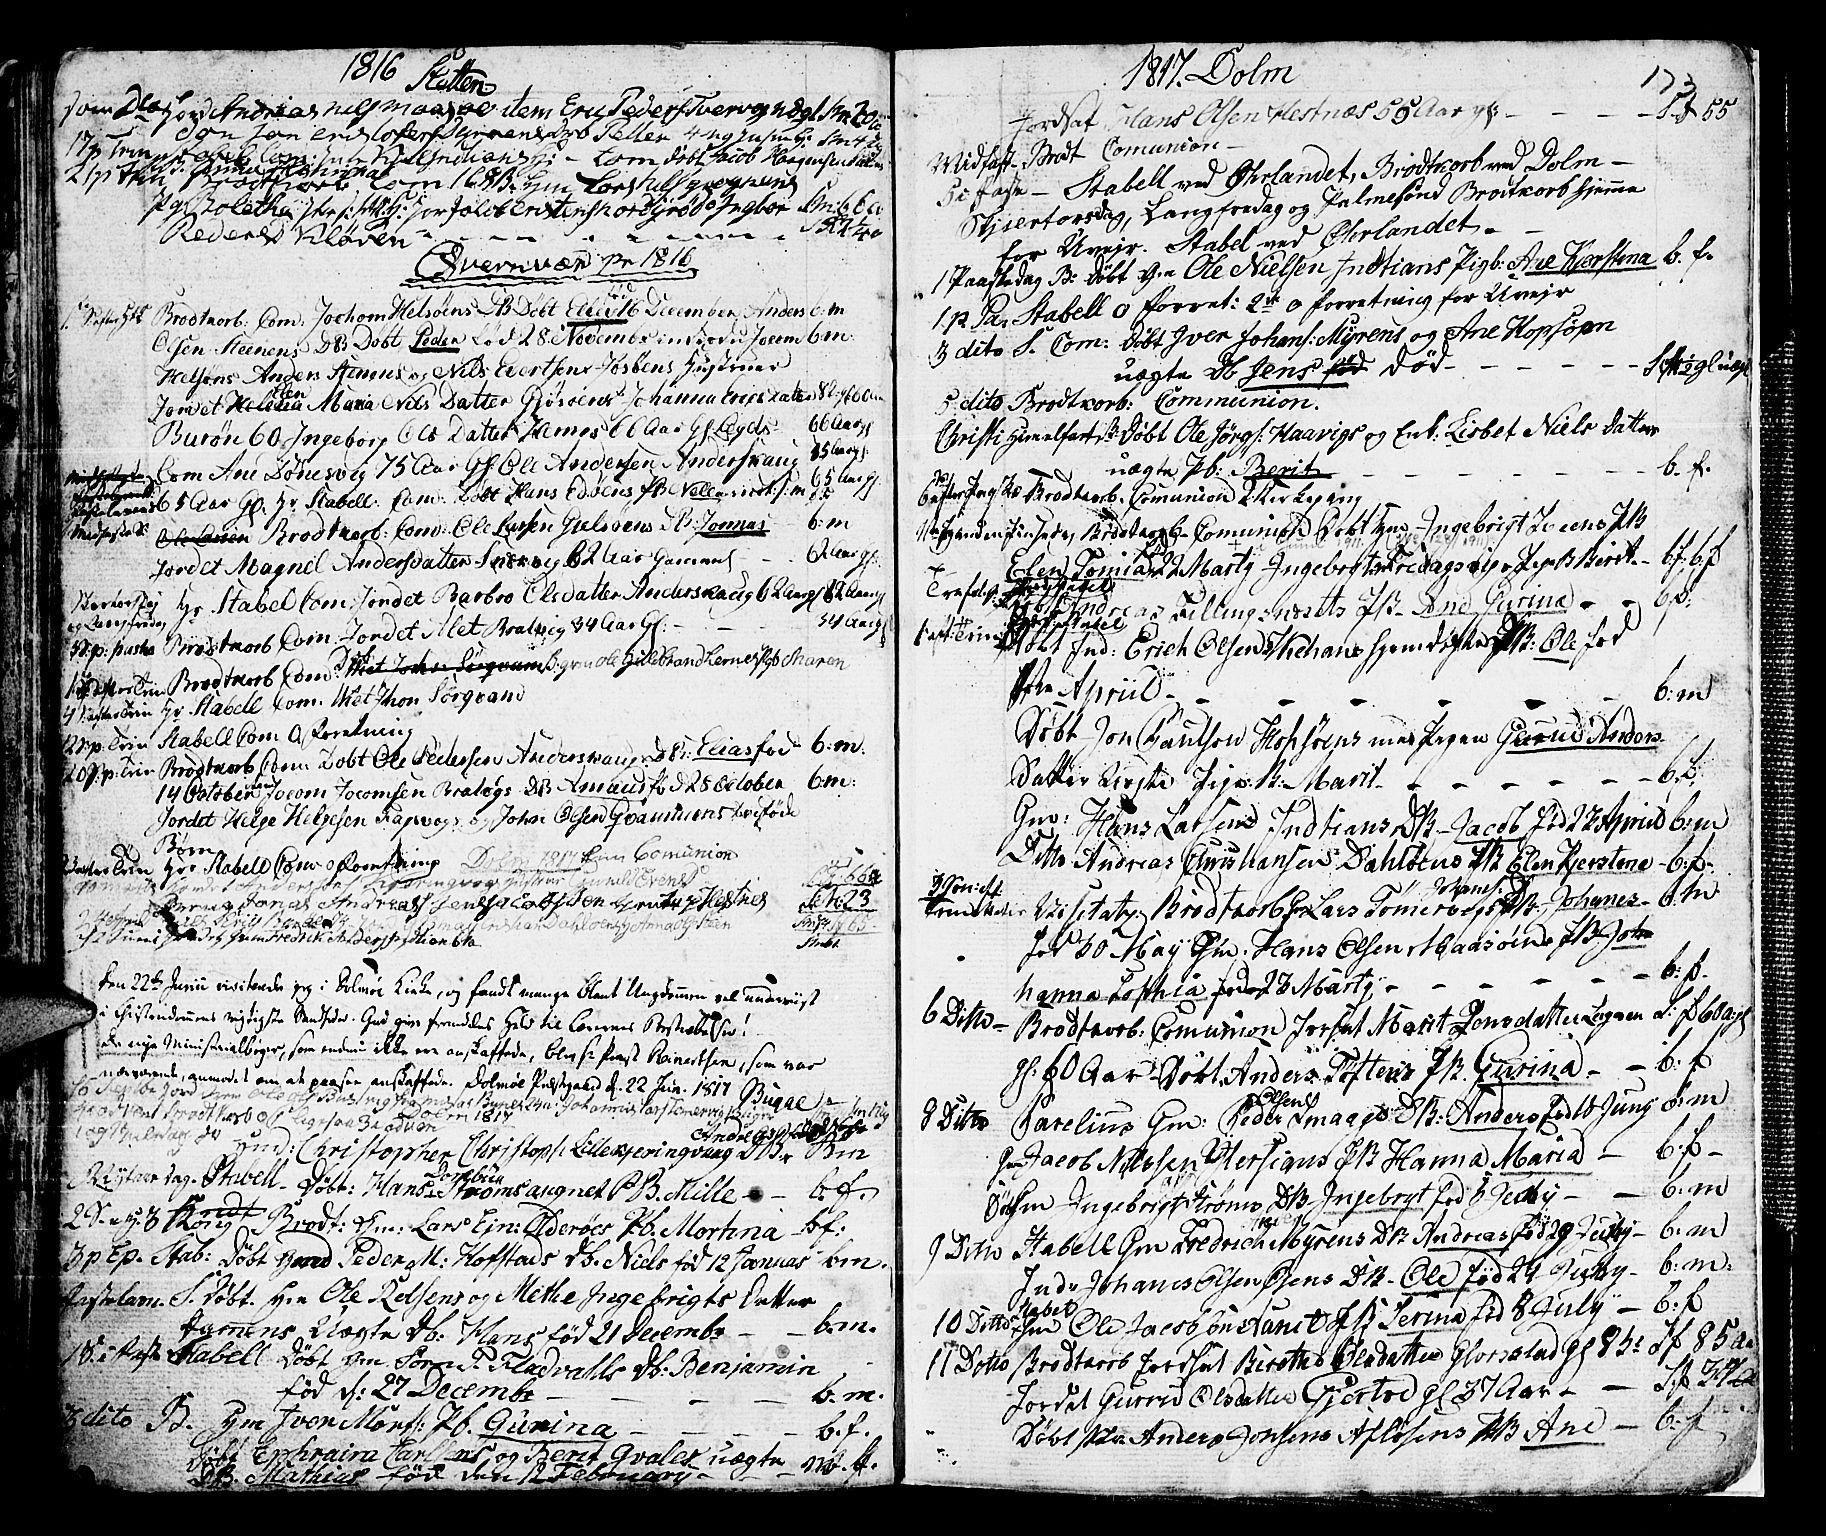 SAT, Ministerialprotokoller, klokkerbøker og fødselsregistre - Sør-Trøndelag, 634/L0526: Ministerialbok nr. 634A02, 1775-1818, s. 173